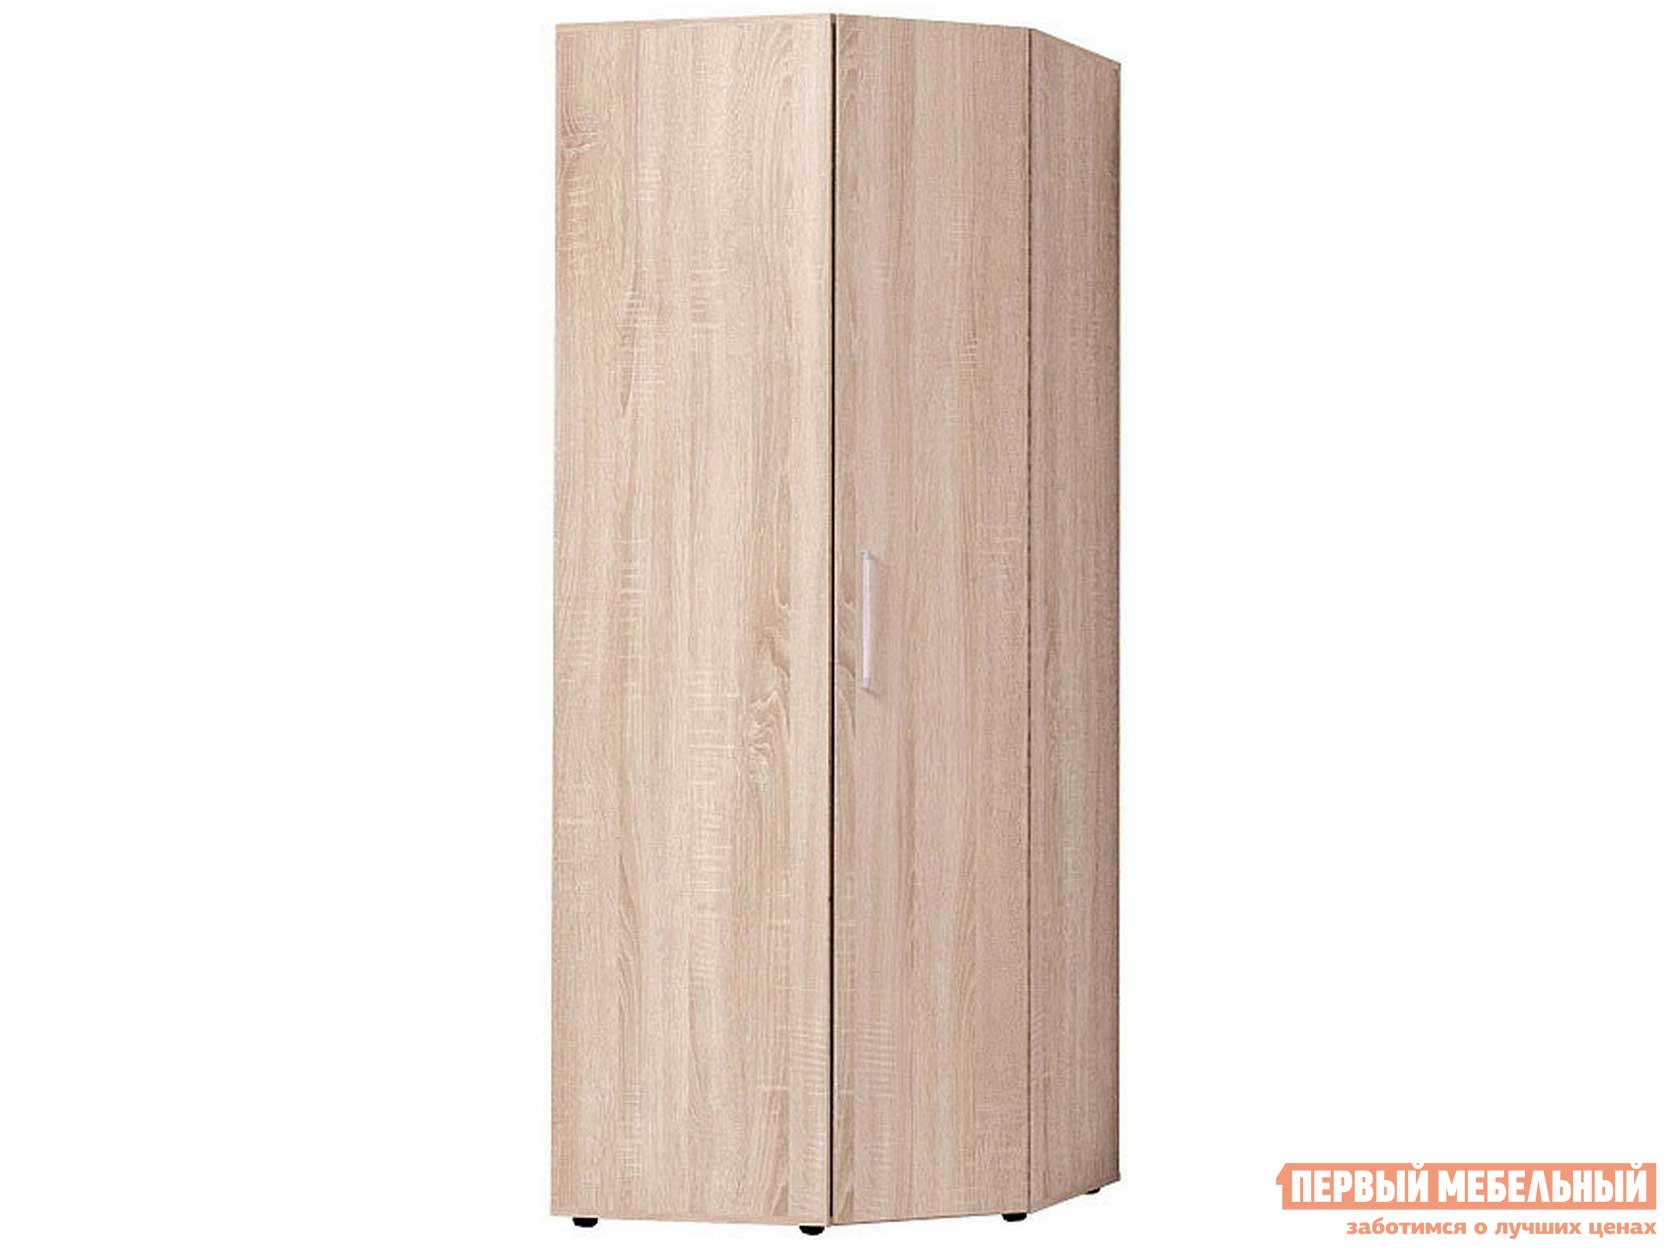 Шкаф распашной ТД Арника Монако 156 (спальня) Шкаф угловой